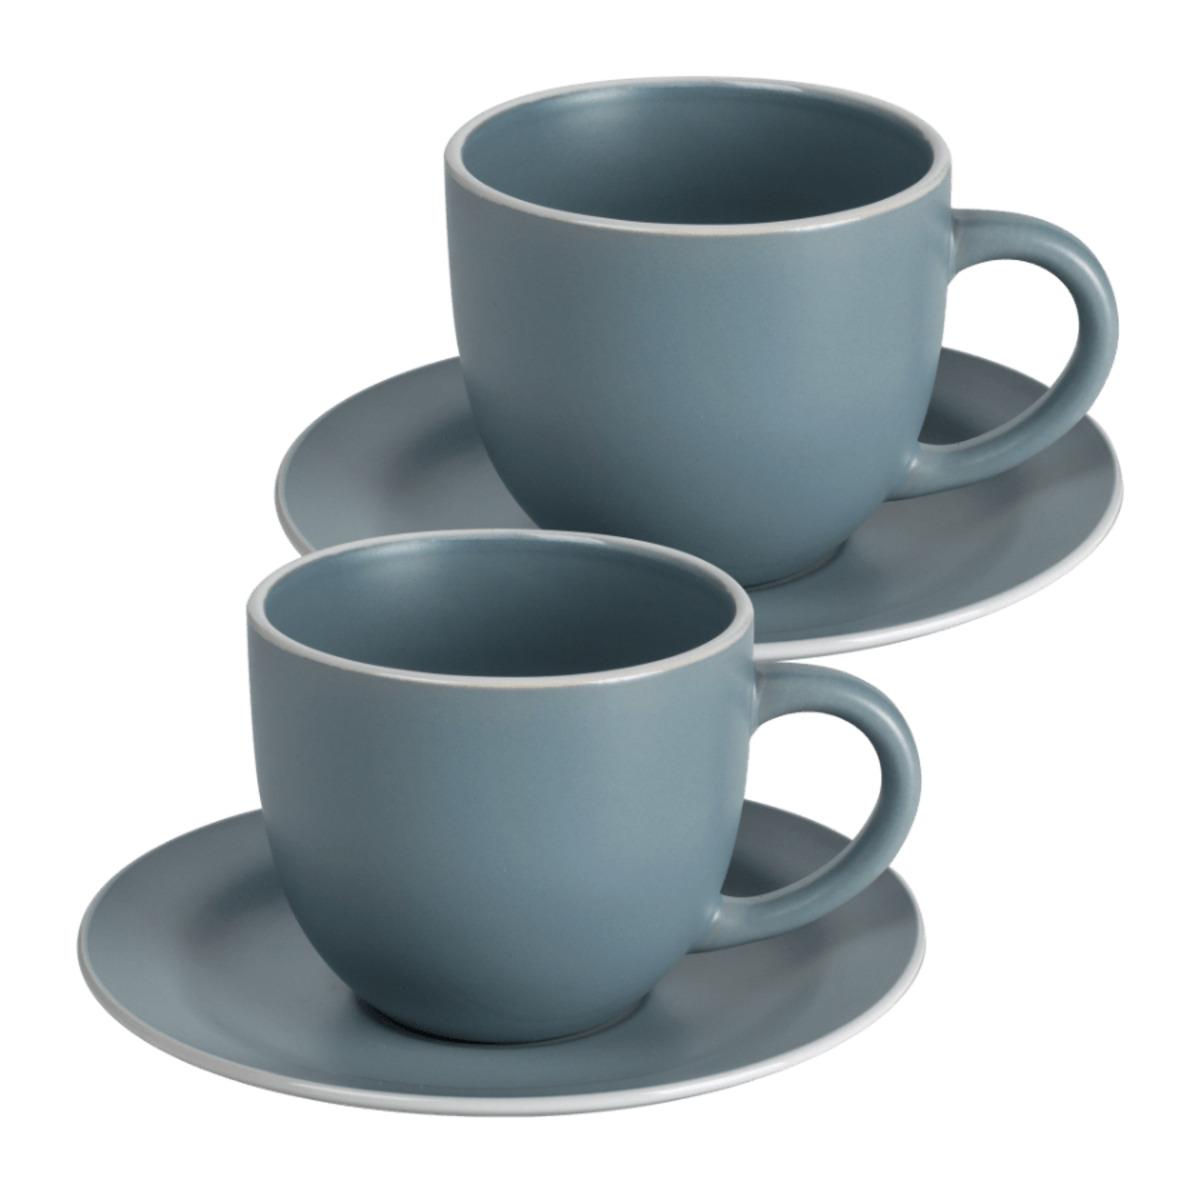 Bild 2 von HOME CREATION     Kaffeetassen / -becher